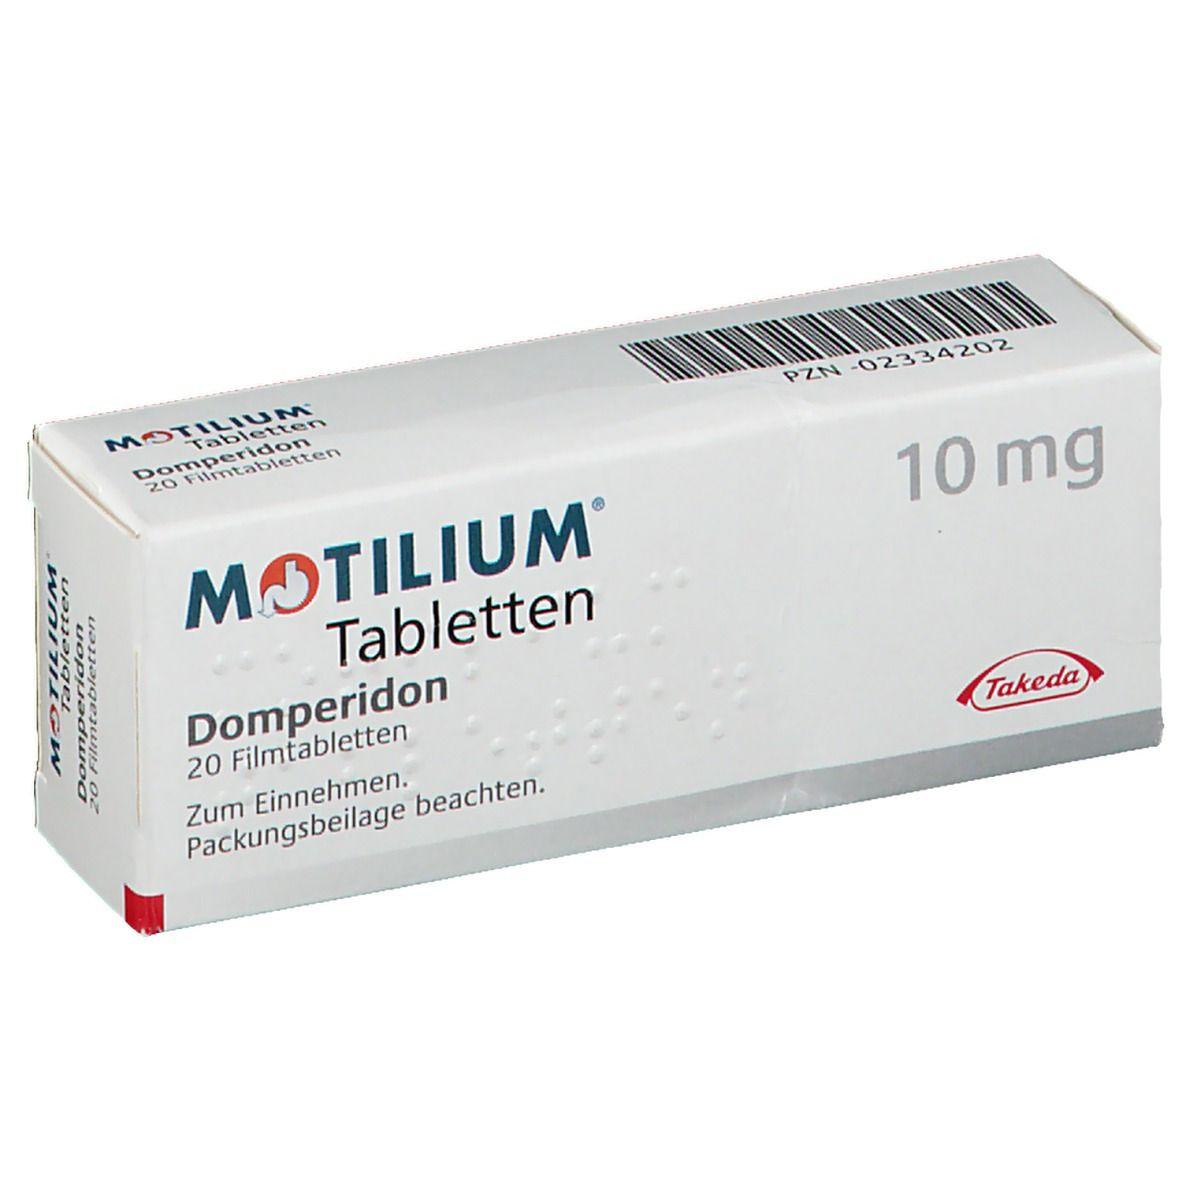 Motilium Filmtabl.